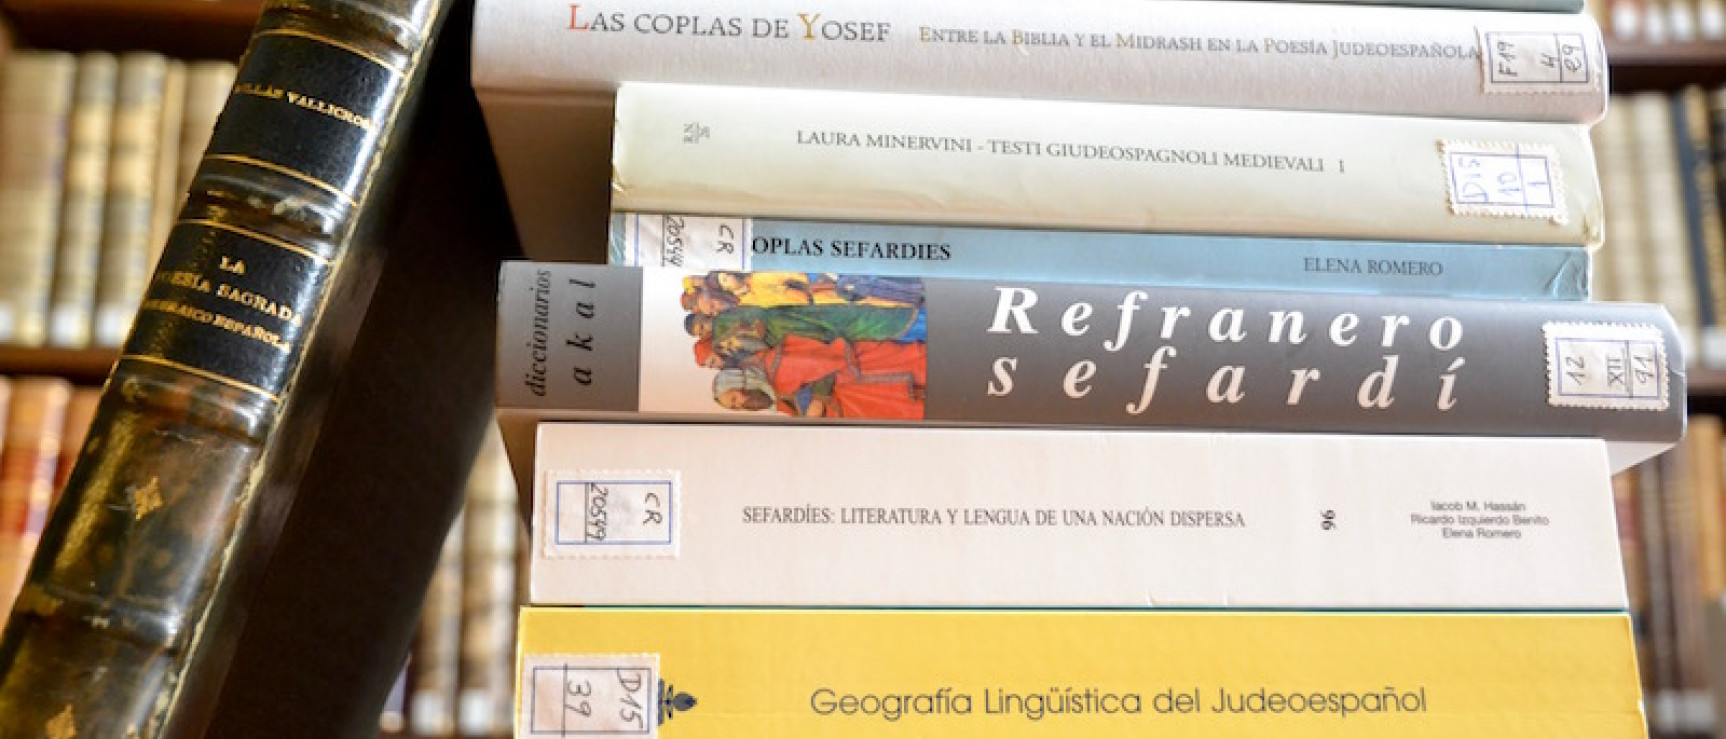 La Rae Elige A Ocho Académicos Correspondientes Judeoespañoles Noticia Real Academia Española